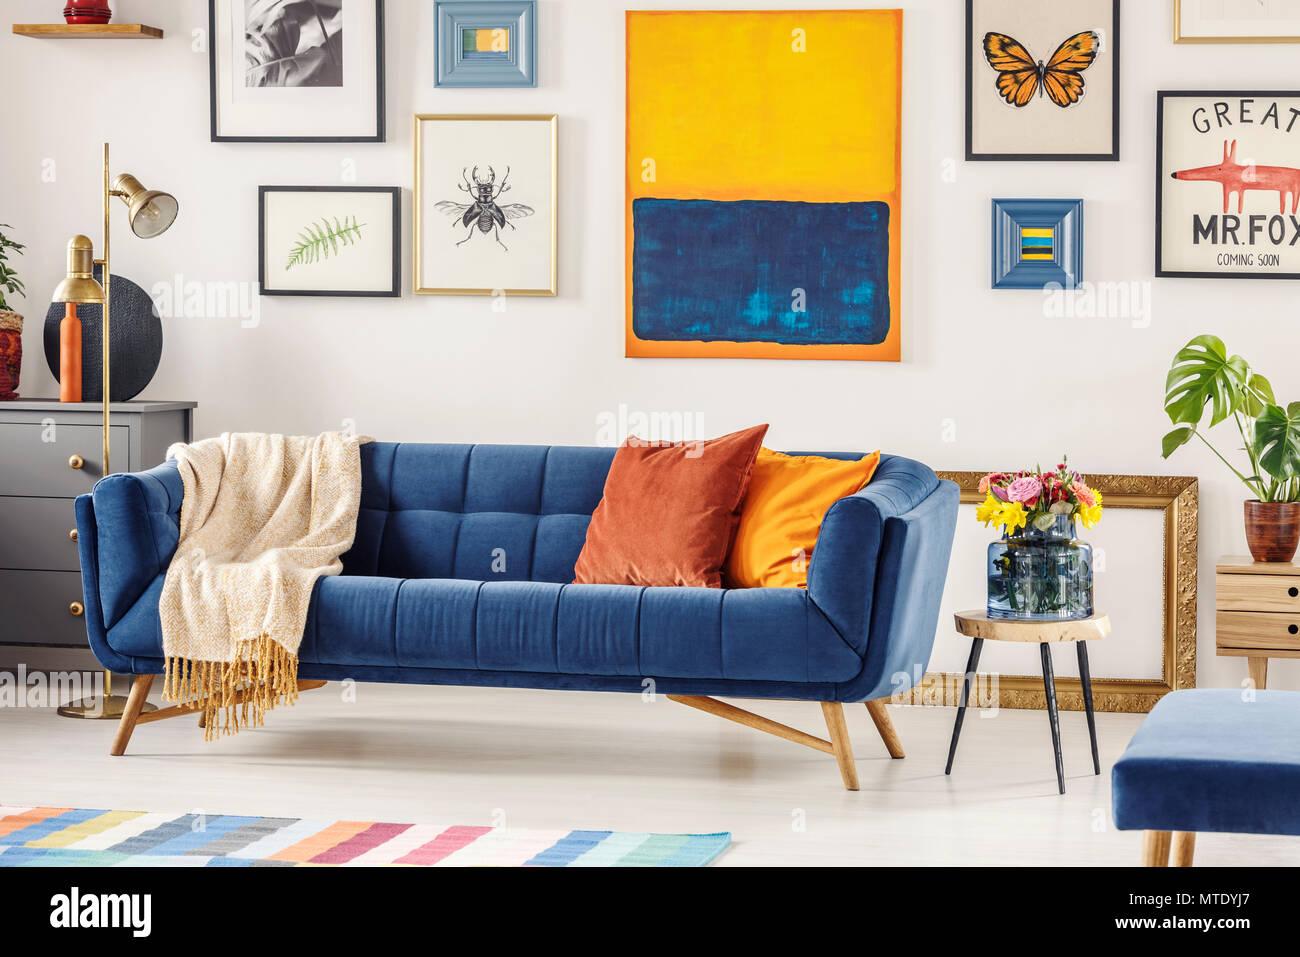 Real Photo Eines Marine Blaue Couch Mit Einer Decke Und Kissen